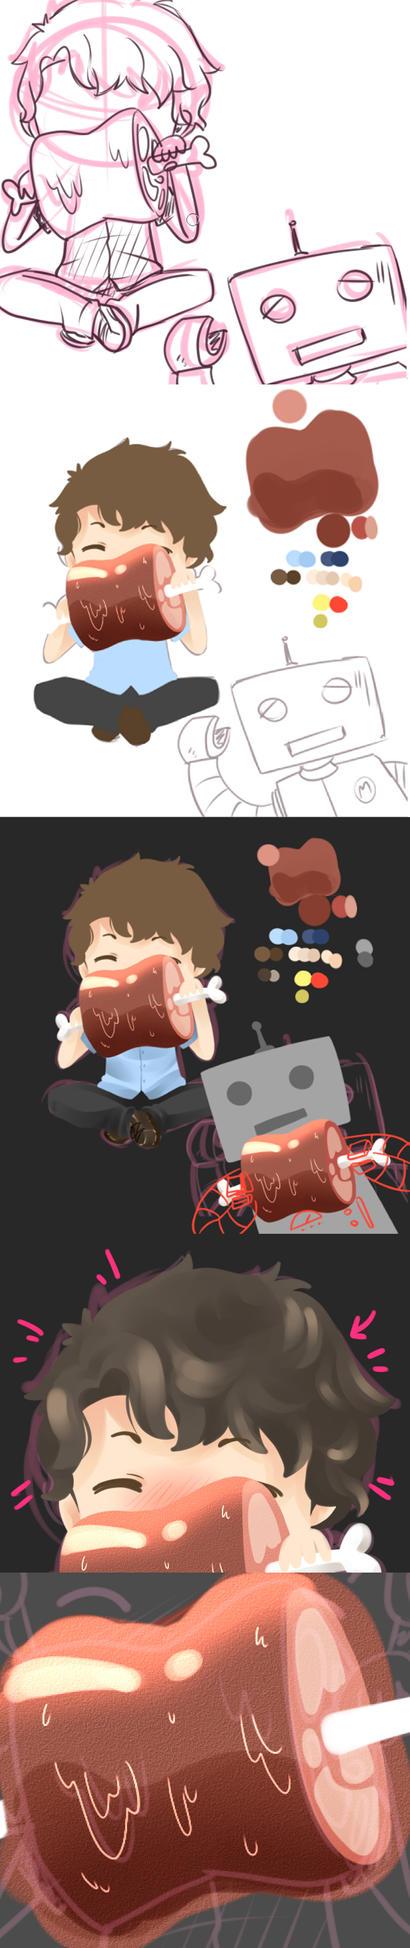 Process by AshSaitoh